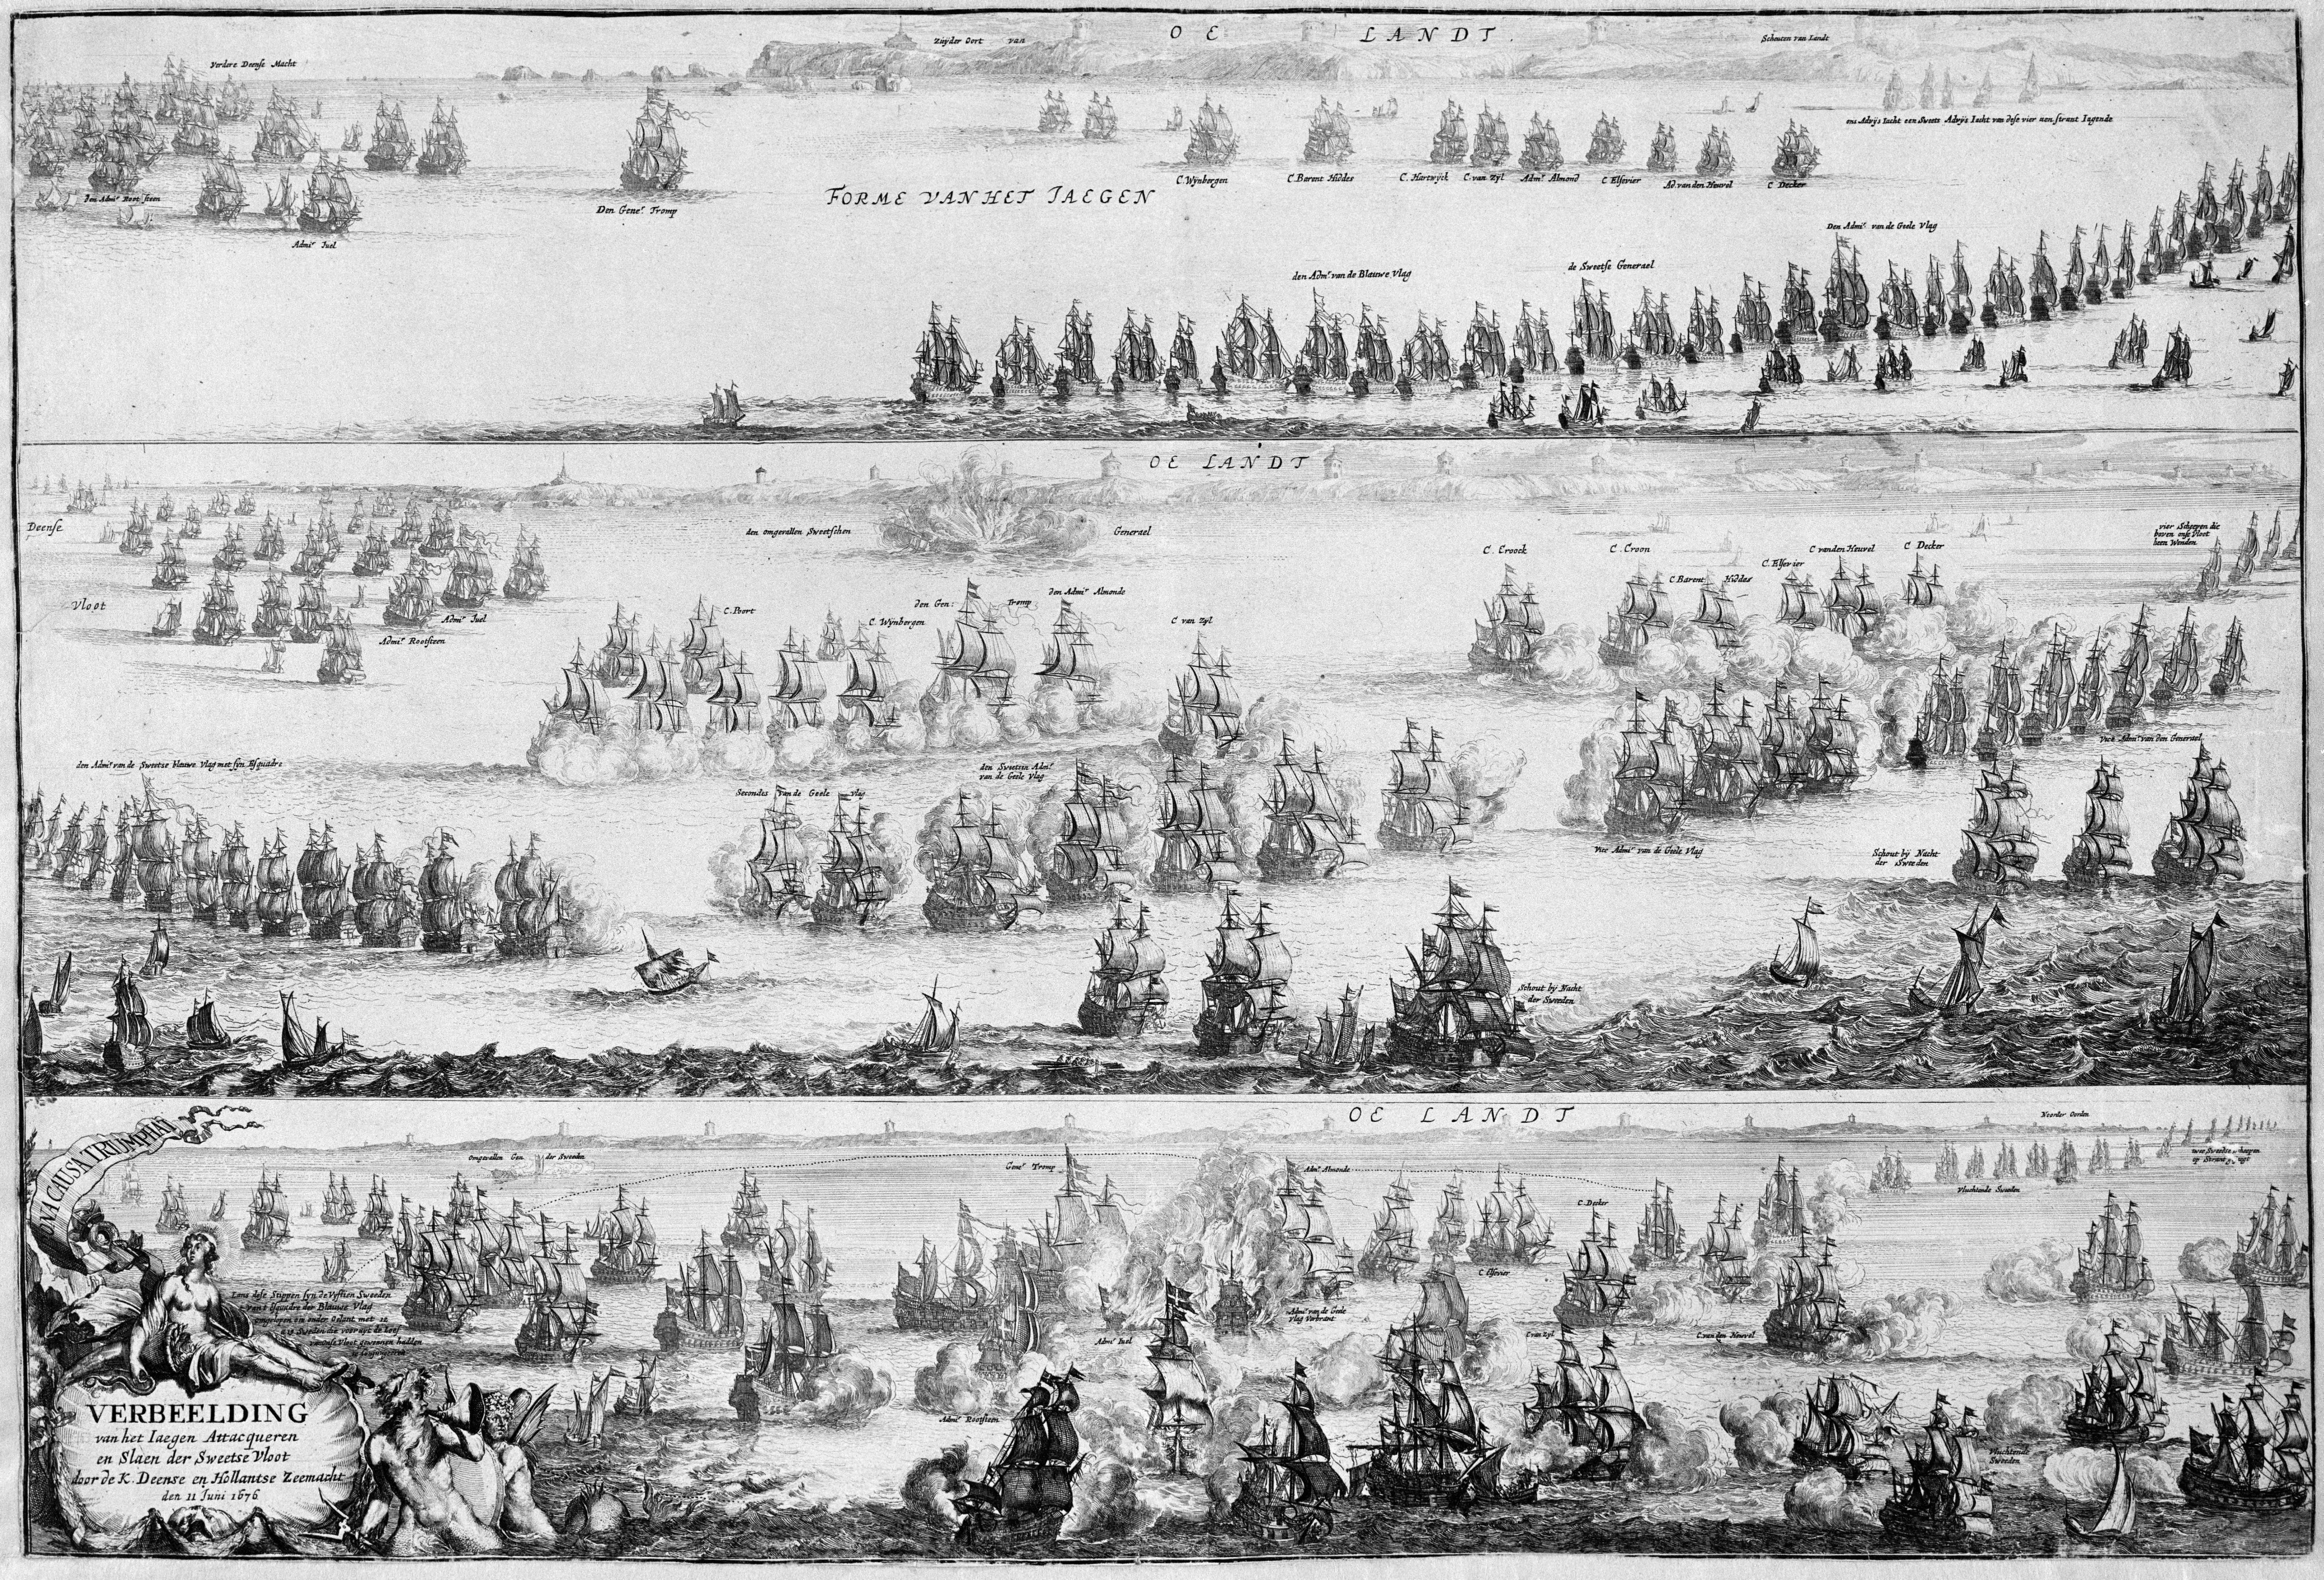 File:Slag bij Öland - Battle of Öland in 1676 (Romeyn de Hooghe)